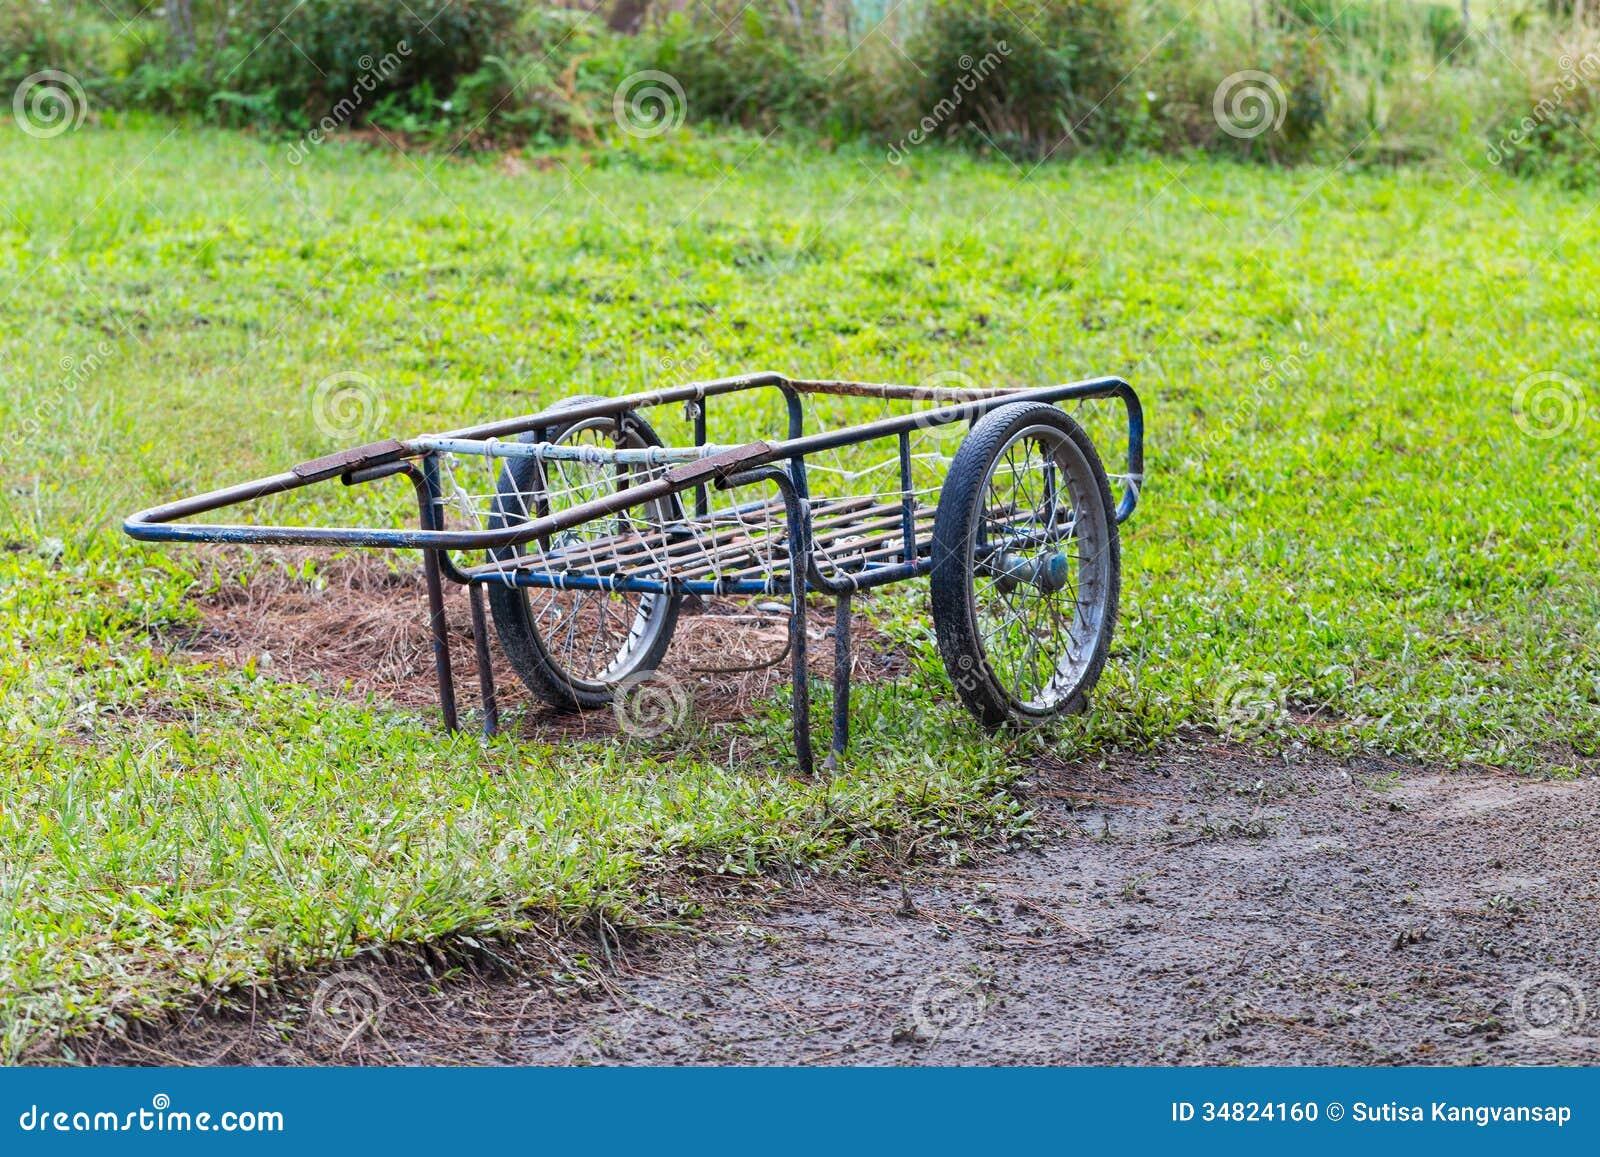 Carretilla de mano de dos ruedas foto de archivo imagen for Carretilla dos ruedas mano